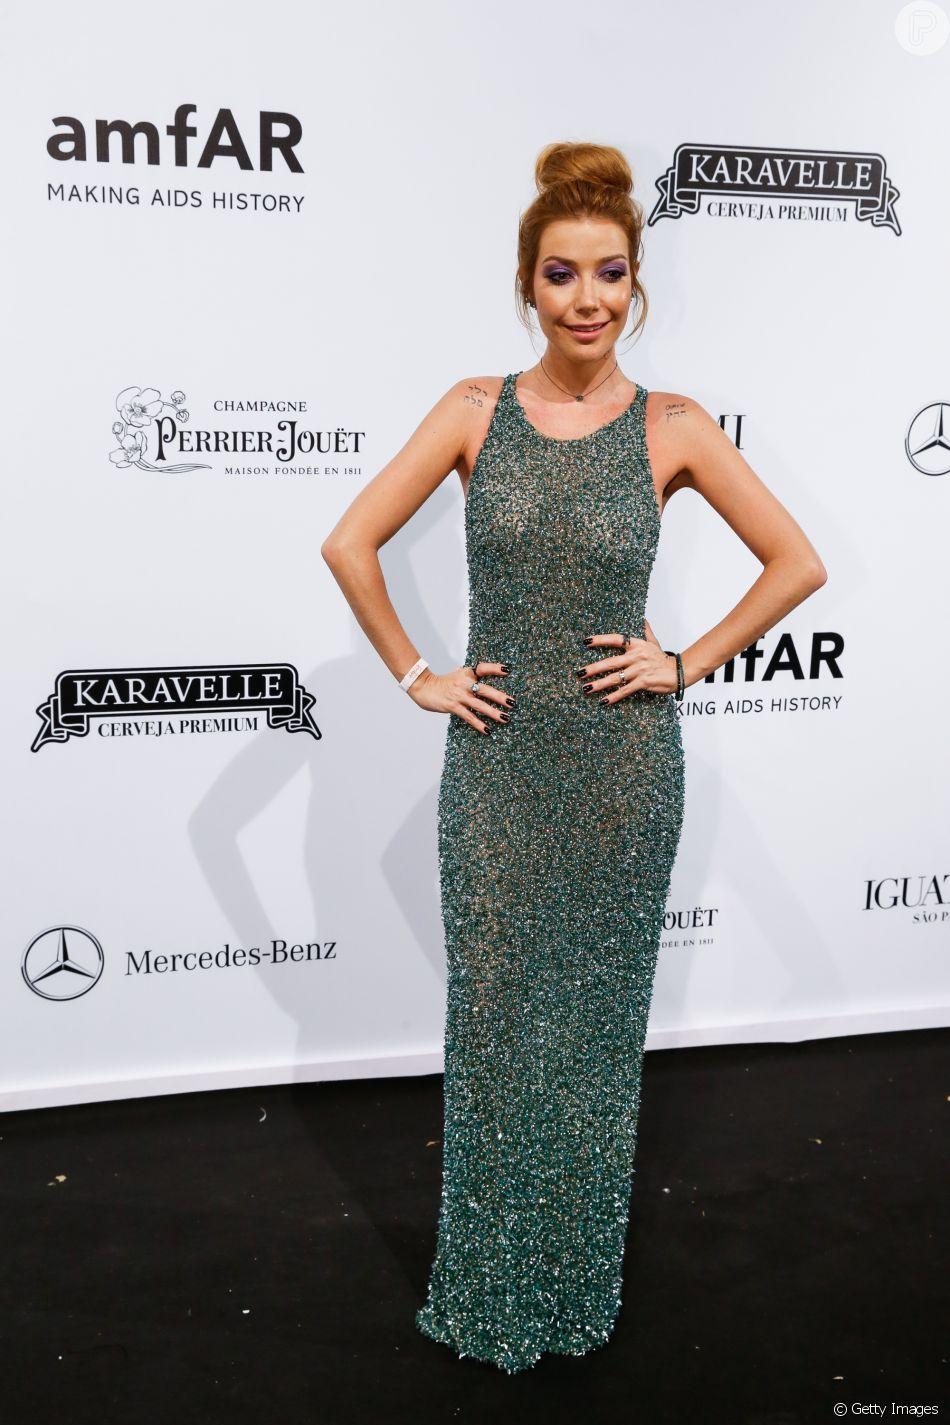 Luiza Possi com vestido Fabiana Milazzo no baile de gala amfAR, realizado em São Paulo, na noite desta sexta-feira, 13 de abril de 2018